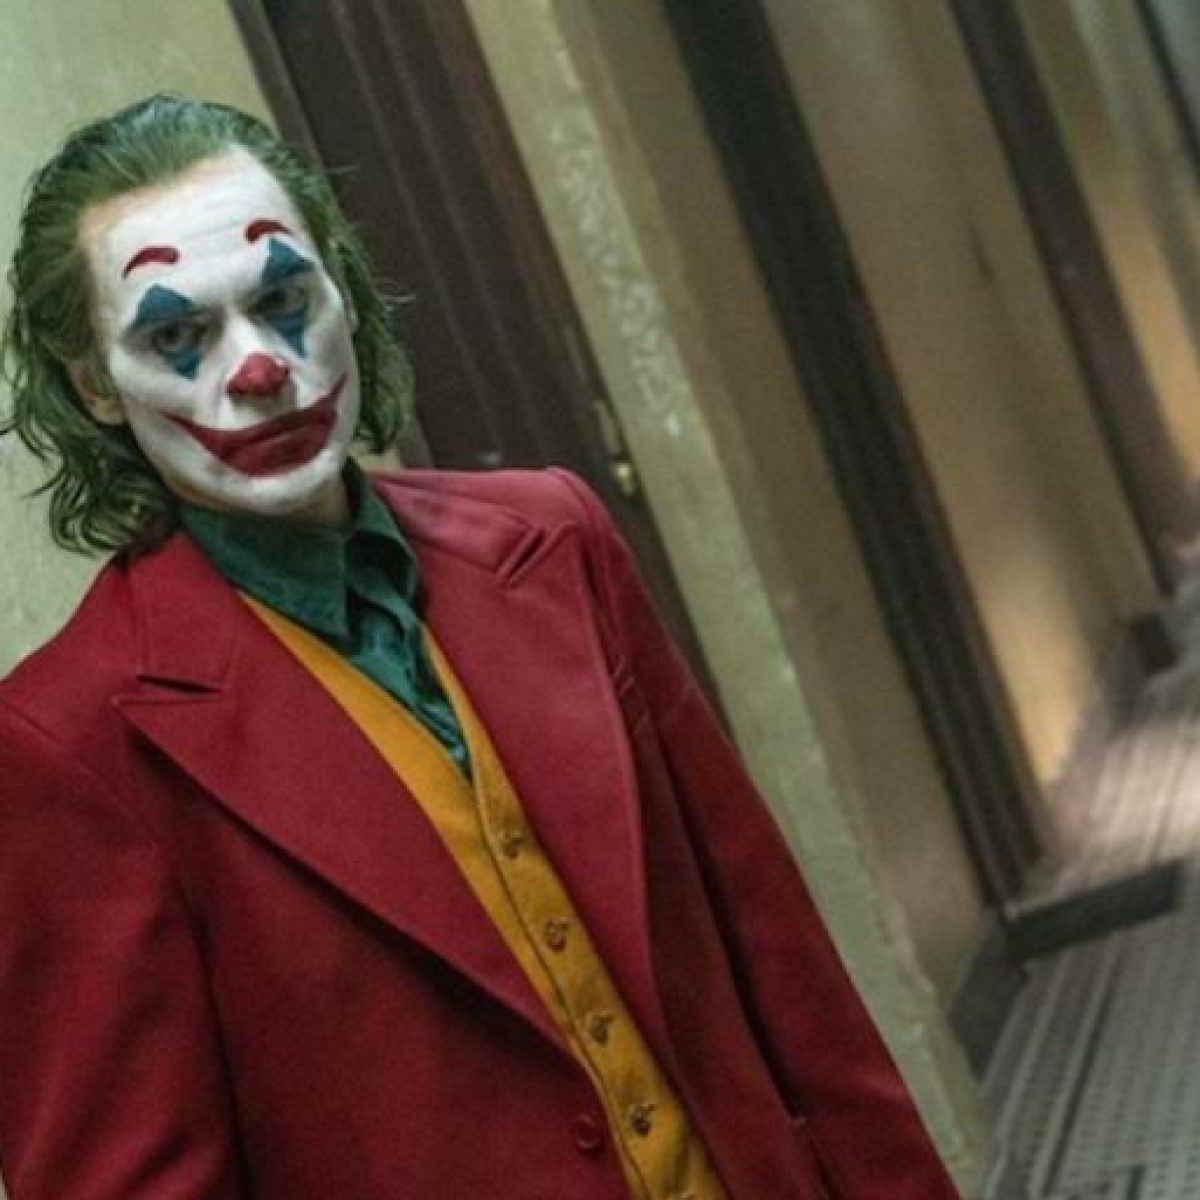 Ecco perché Joker è un film imperdibile